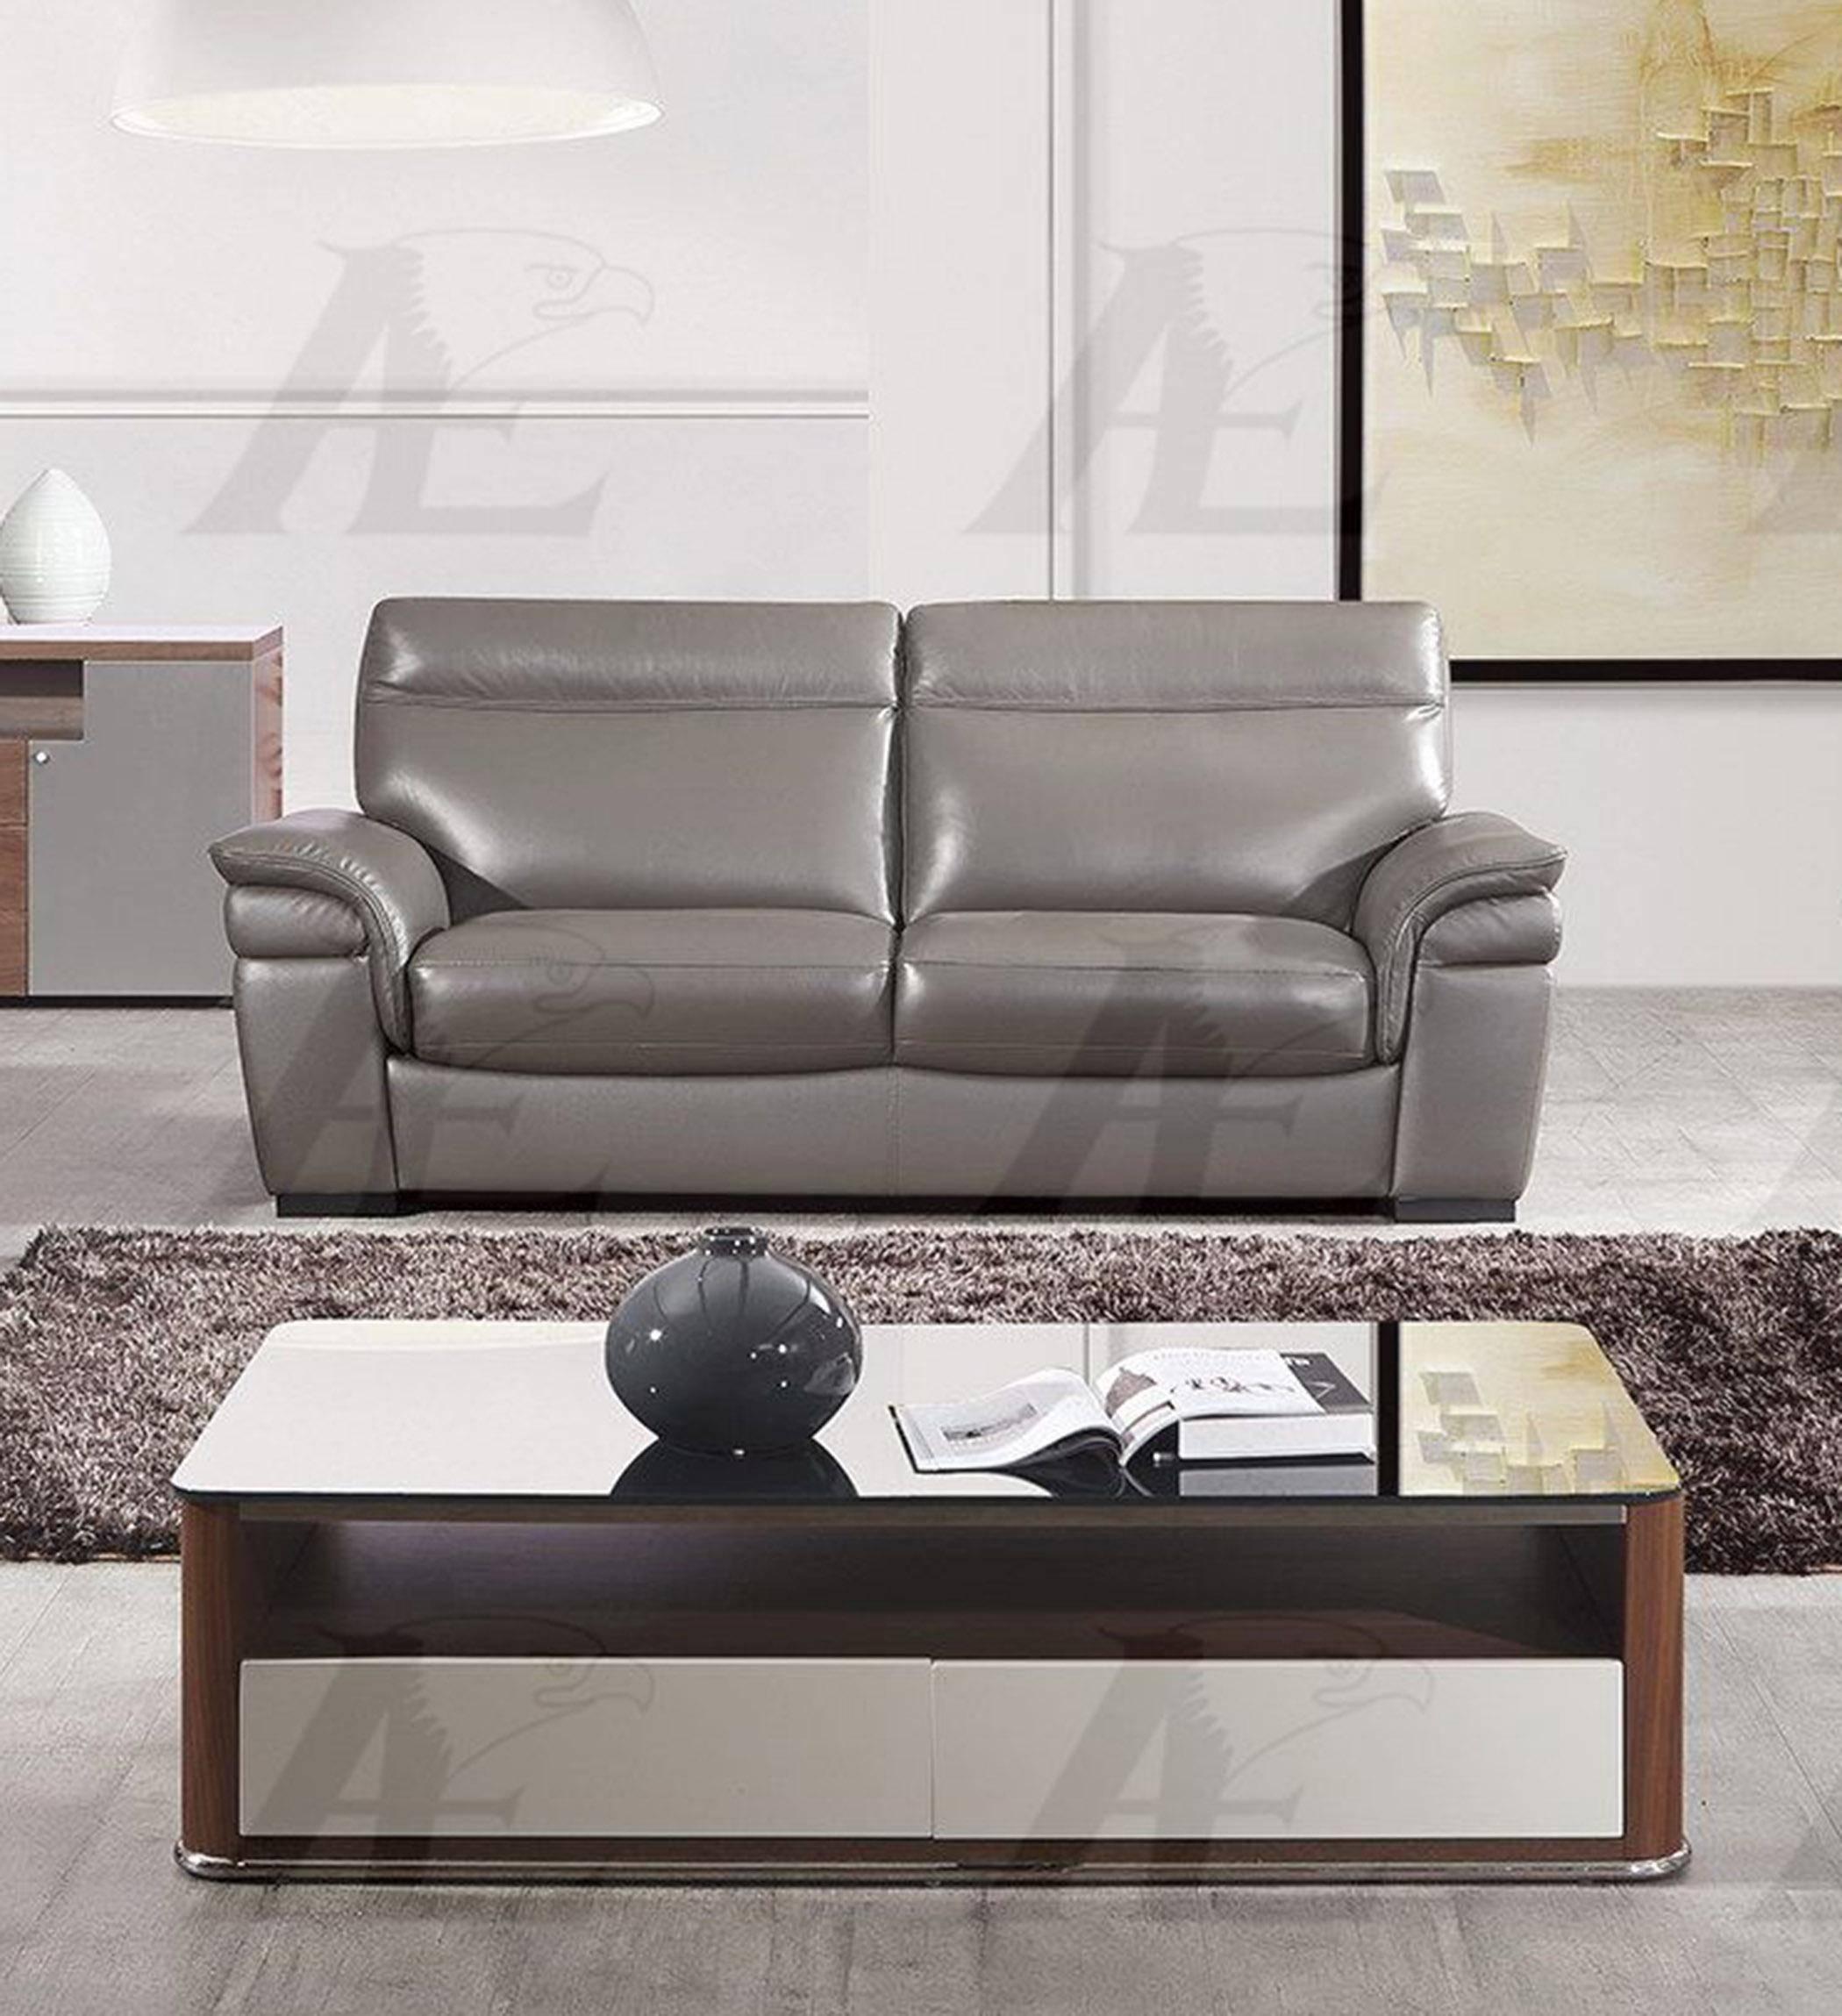 Super American Eagle Ek020 Tpe Sofa In Taupe Italian Leather Inzonedesignstudio Interior Chair Design Inzonedesignstudiocom